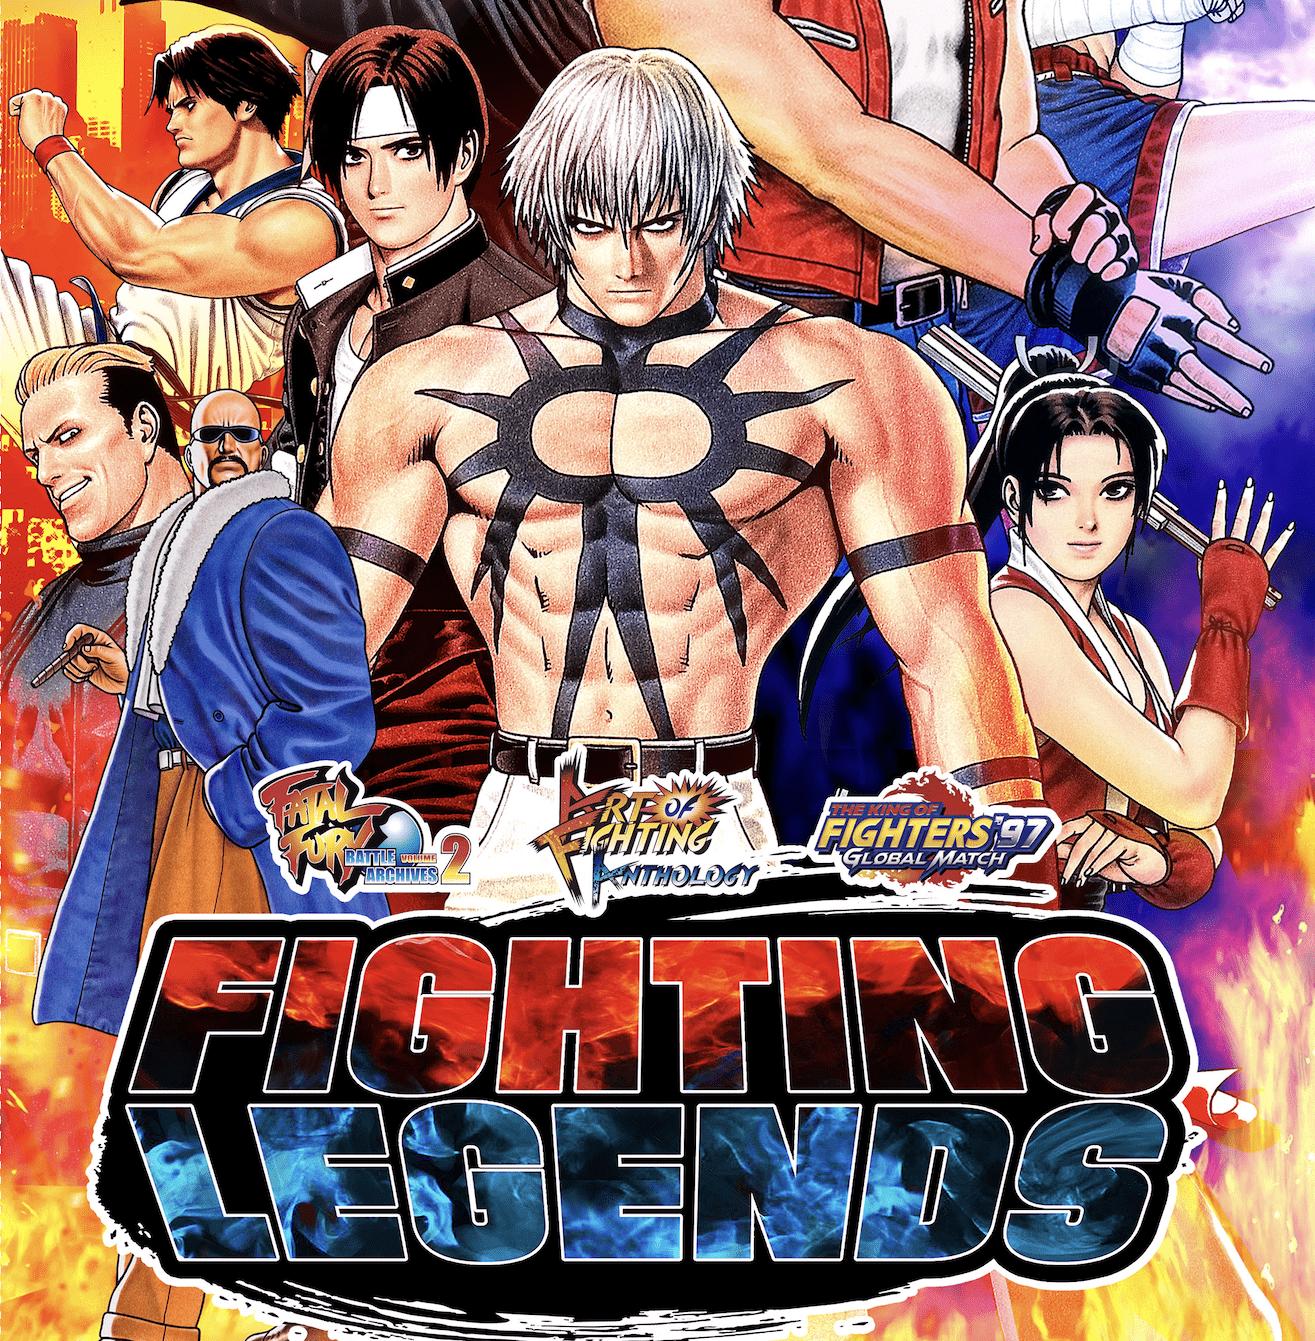 Llega Fighting Legends: los legendarios juegos de SNK que revolucionaron los videojuegos de lucha